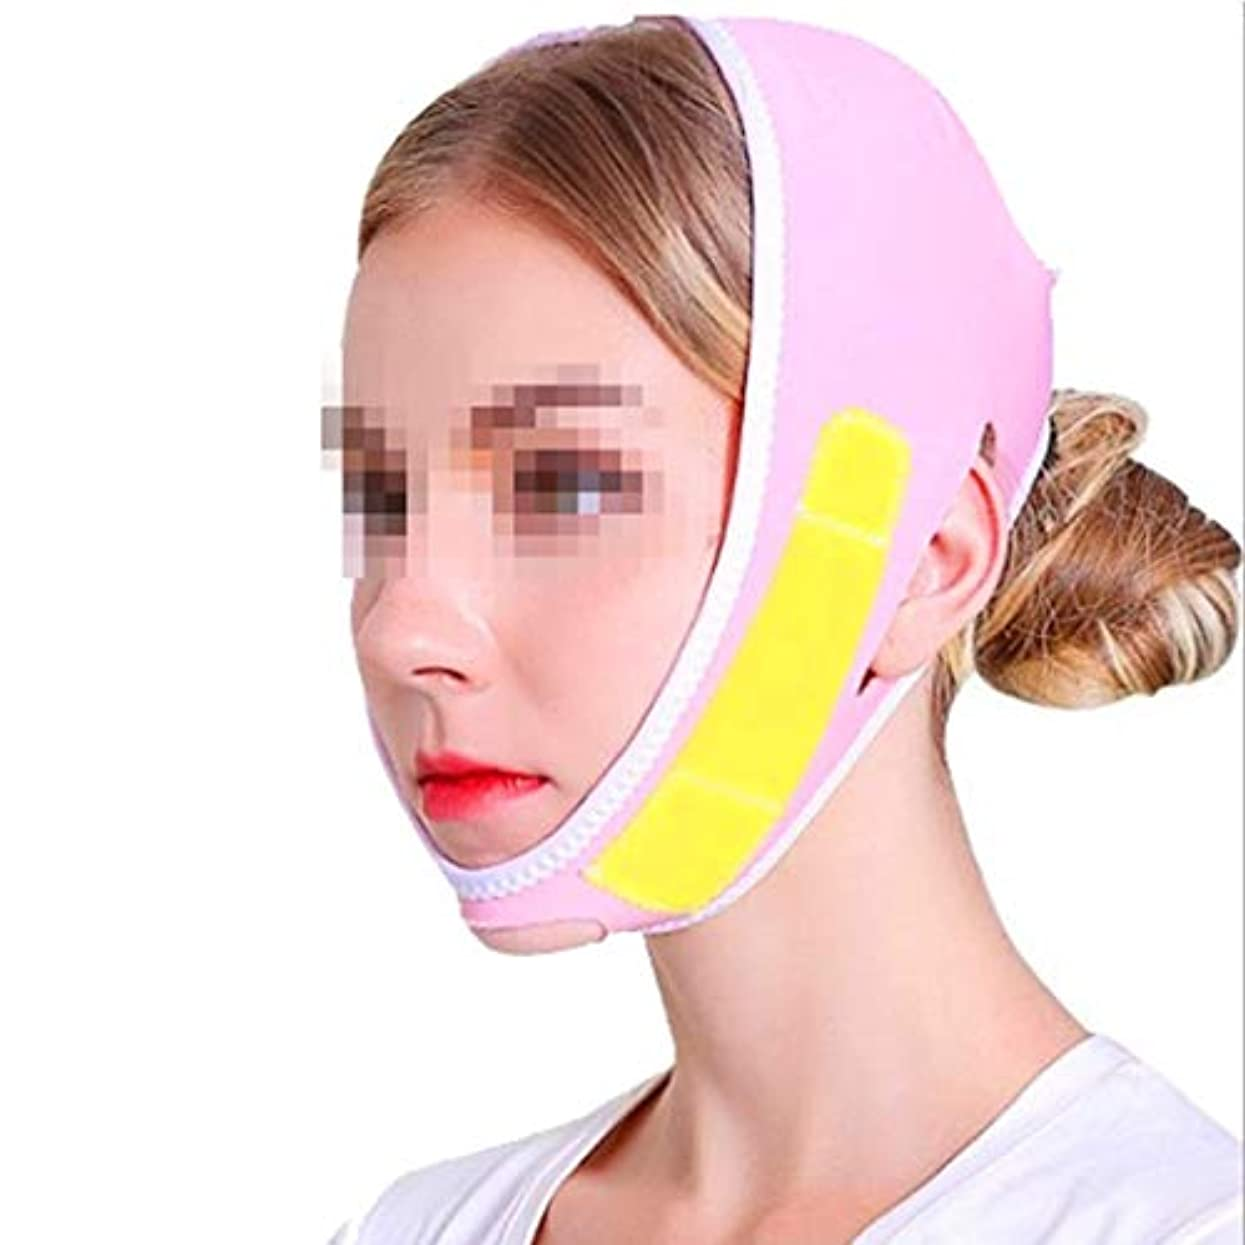 フェイスリフトマスク、Vフェイスフェイシャルリフティング、およびローラインにしっかりと締め付けます二重あごの美容整形包帯マルチカラーオプション(カラー:イエロー),ピンク